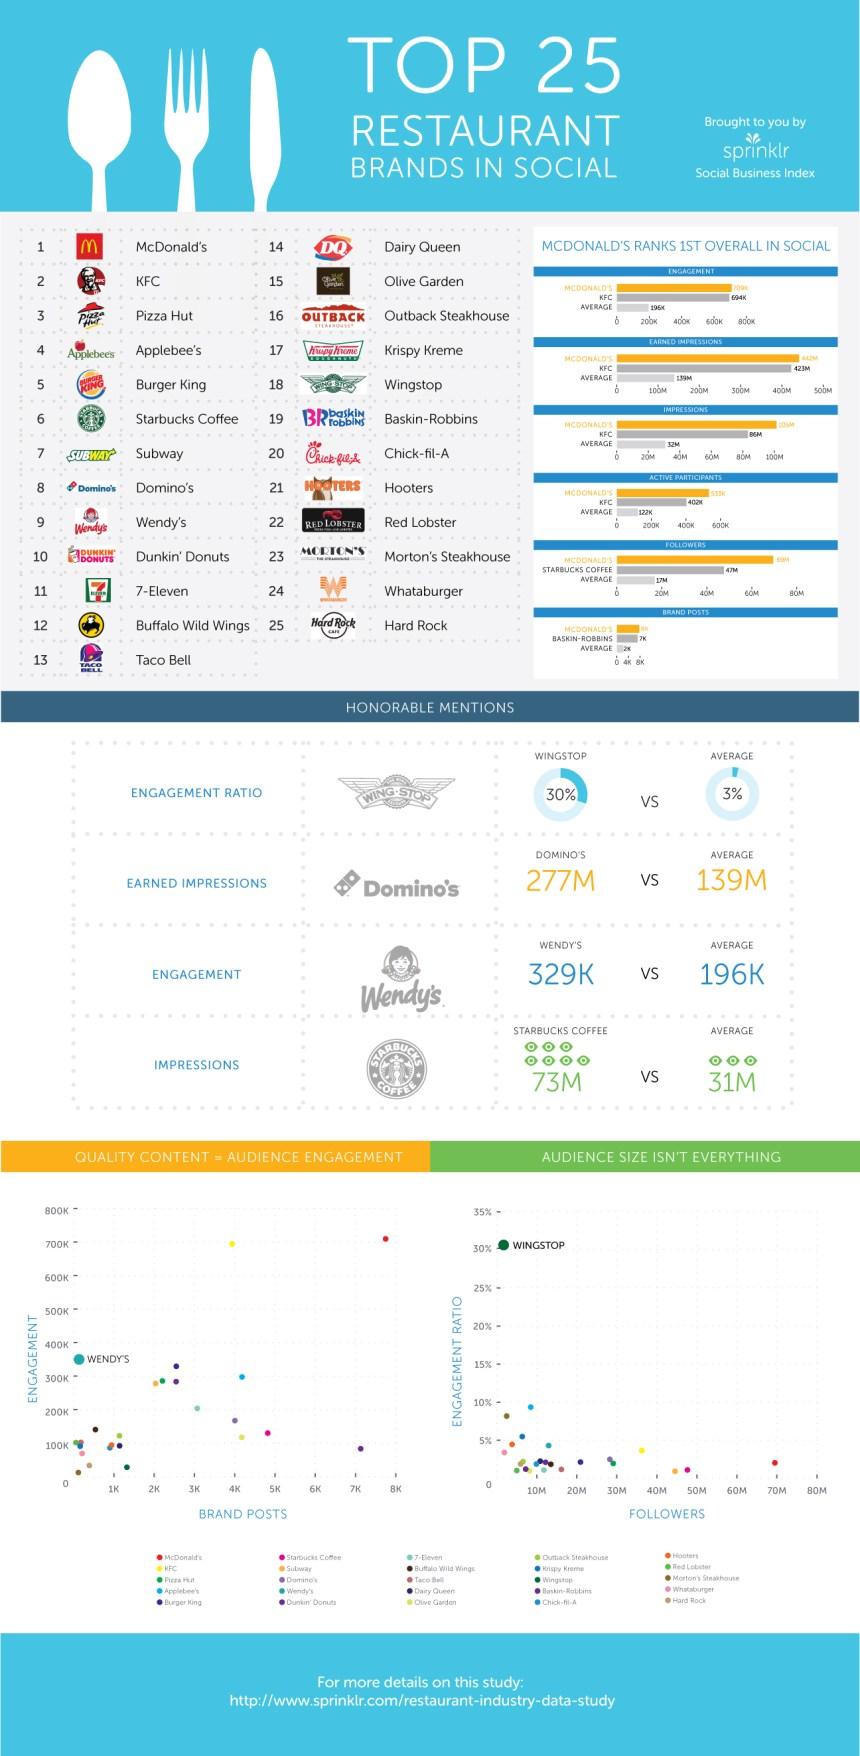 Top 25 marcas de restaurantes en Redes Sociales